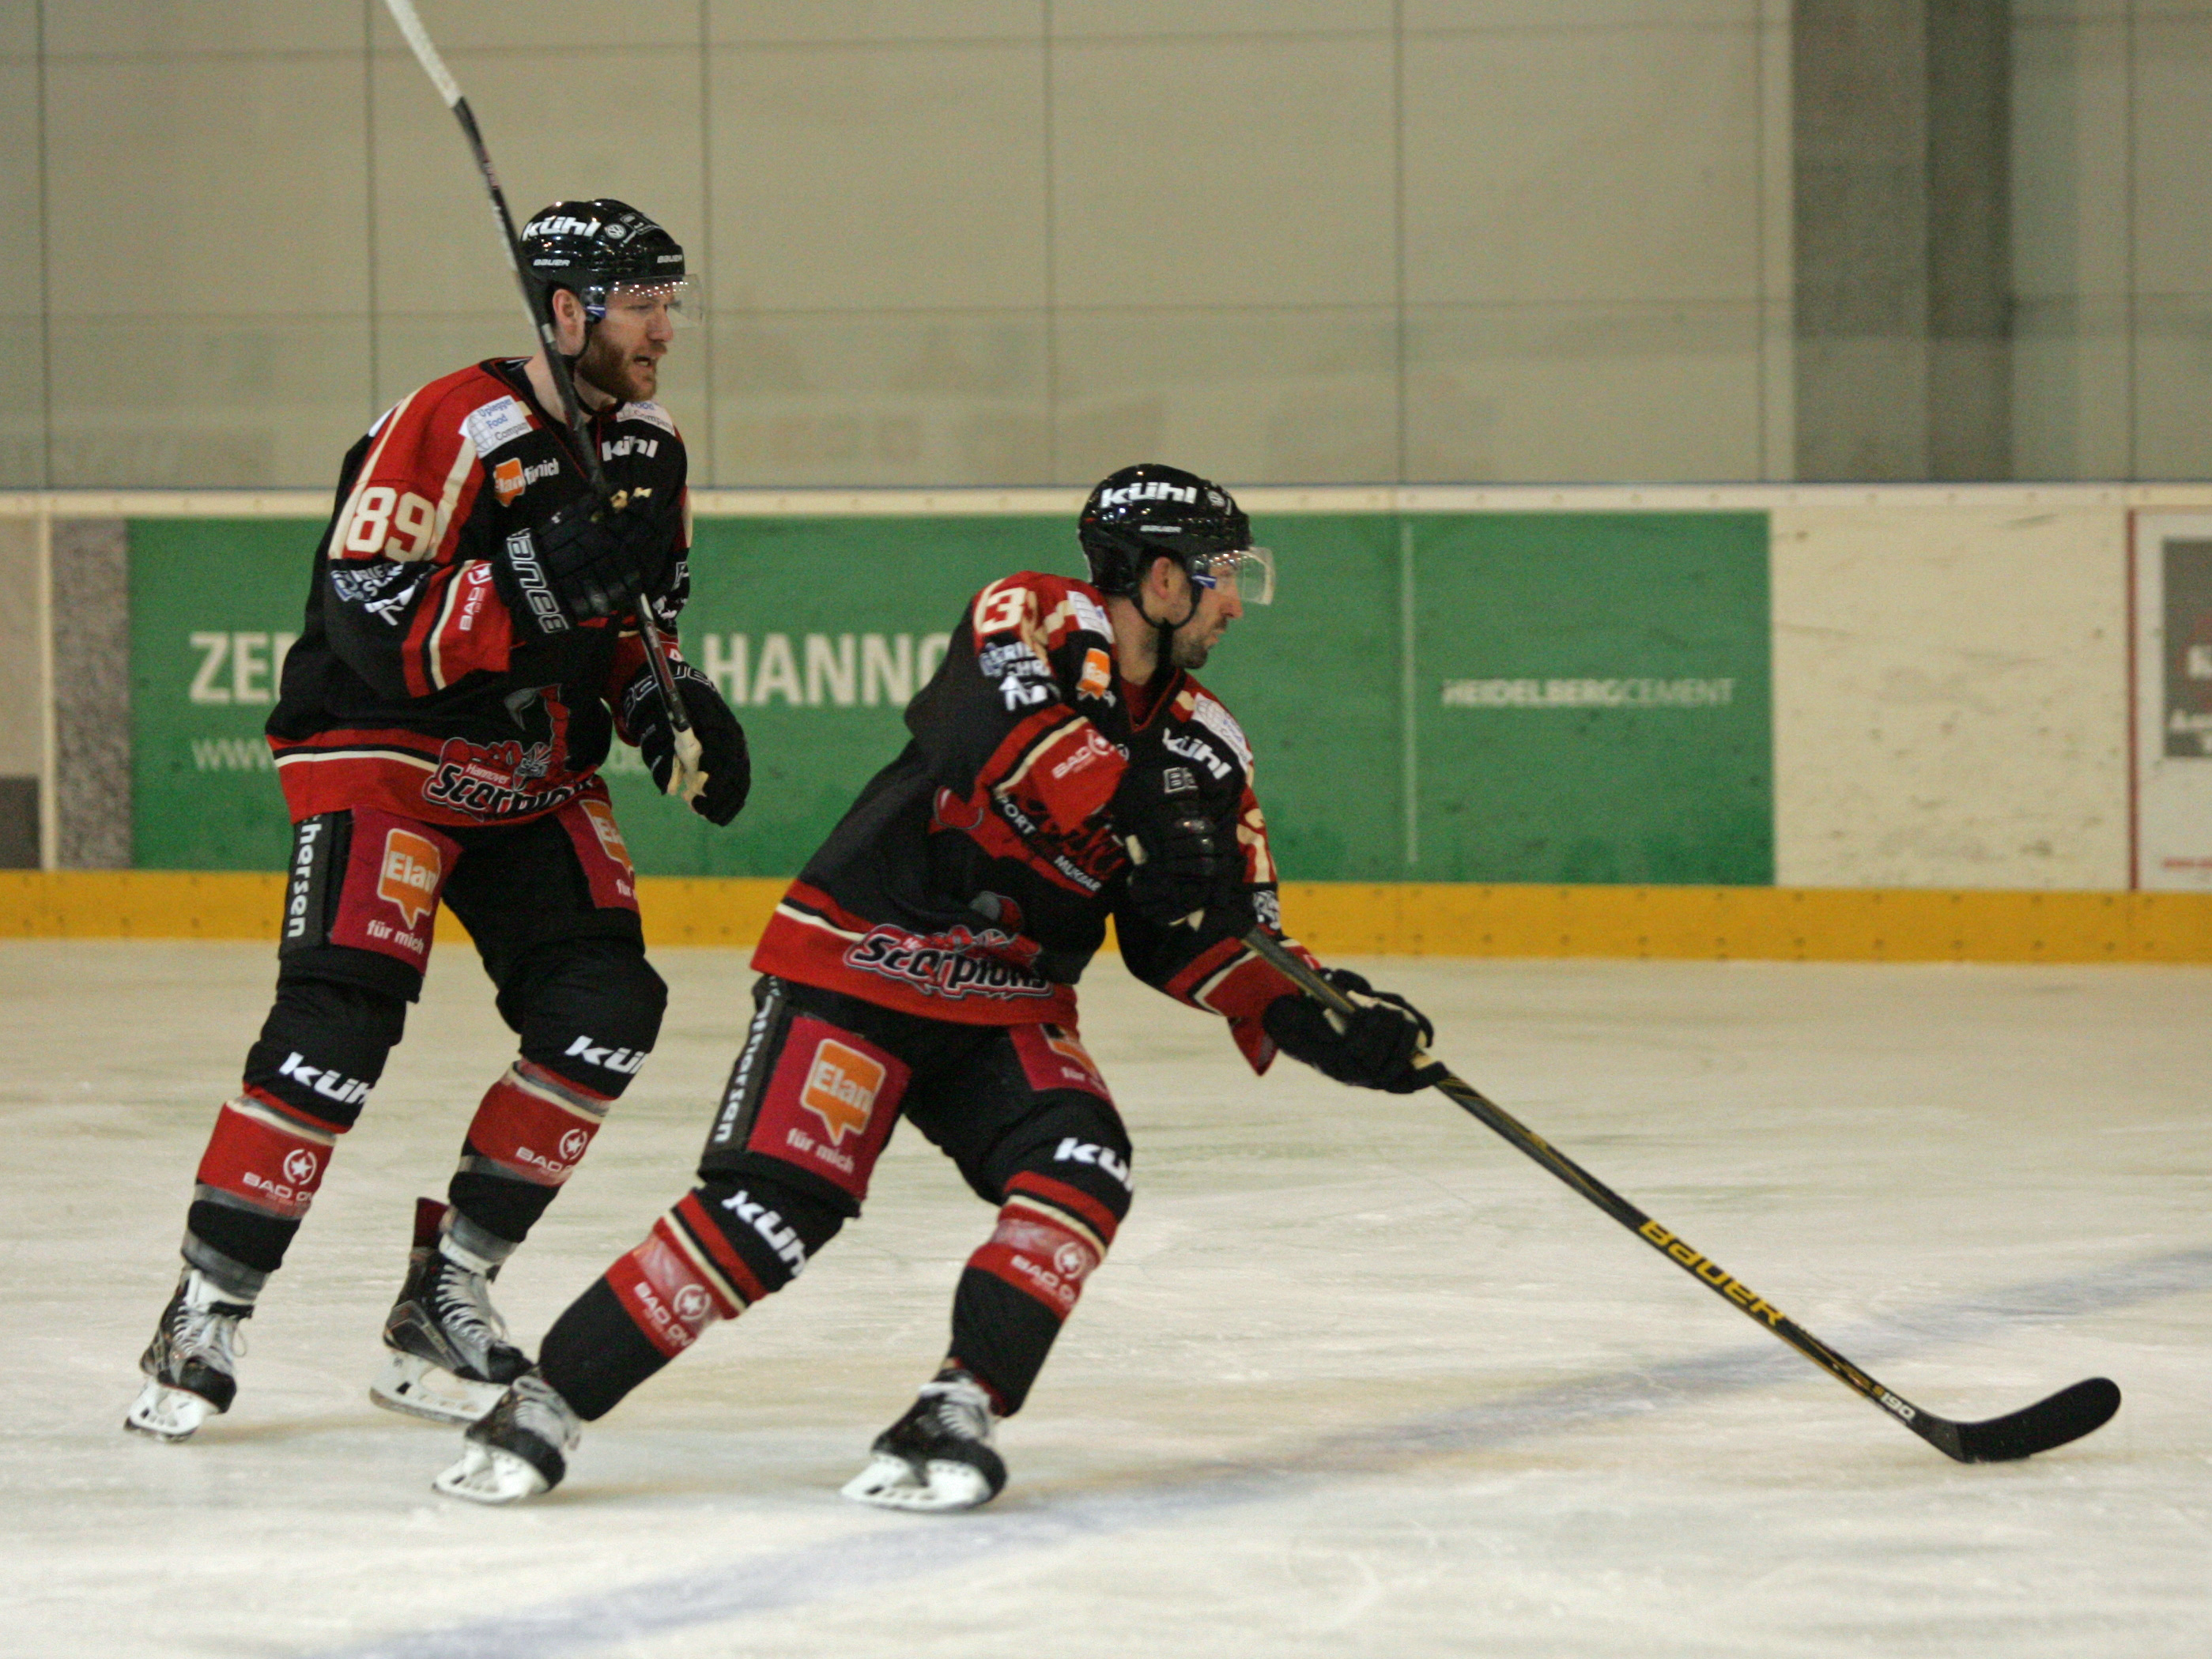 Eishockeyspieler in Aktion.